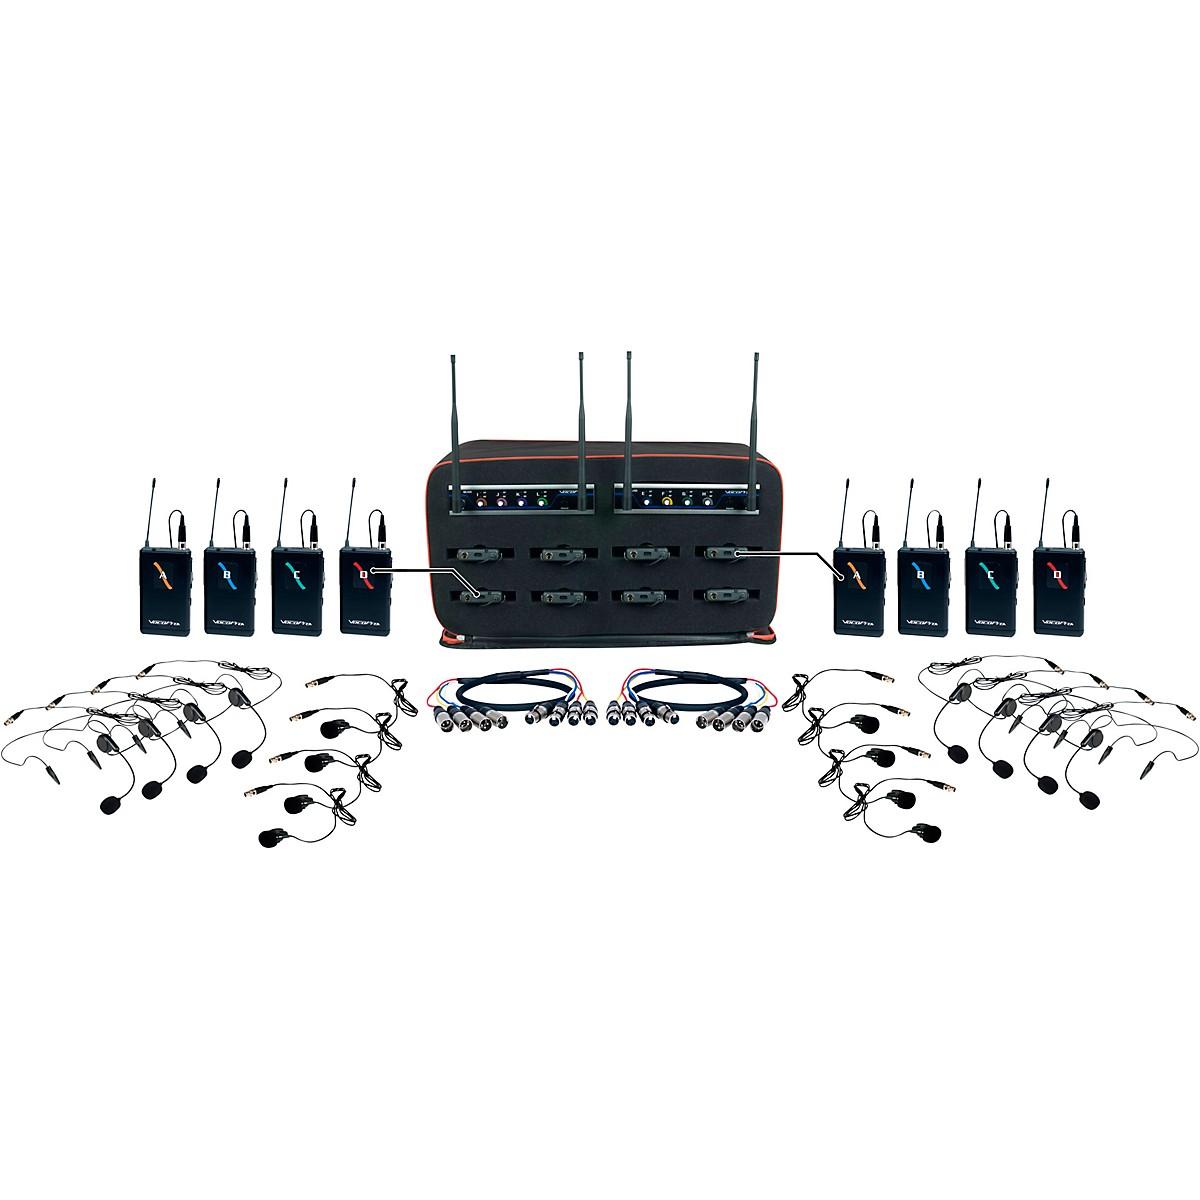 VocoPro 8 Channel Wireless Headset/Lapel Mic-In-Bag Package